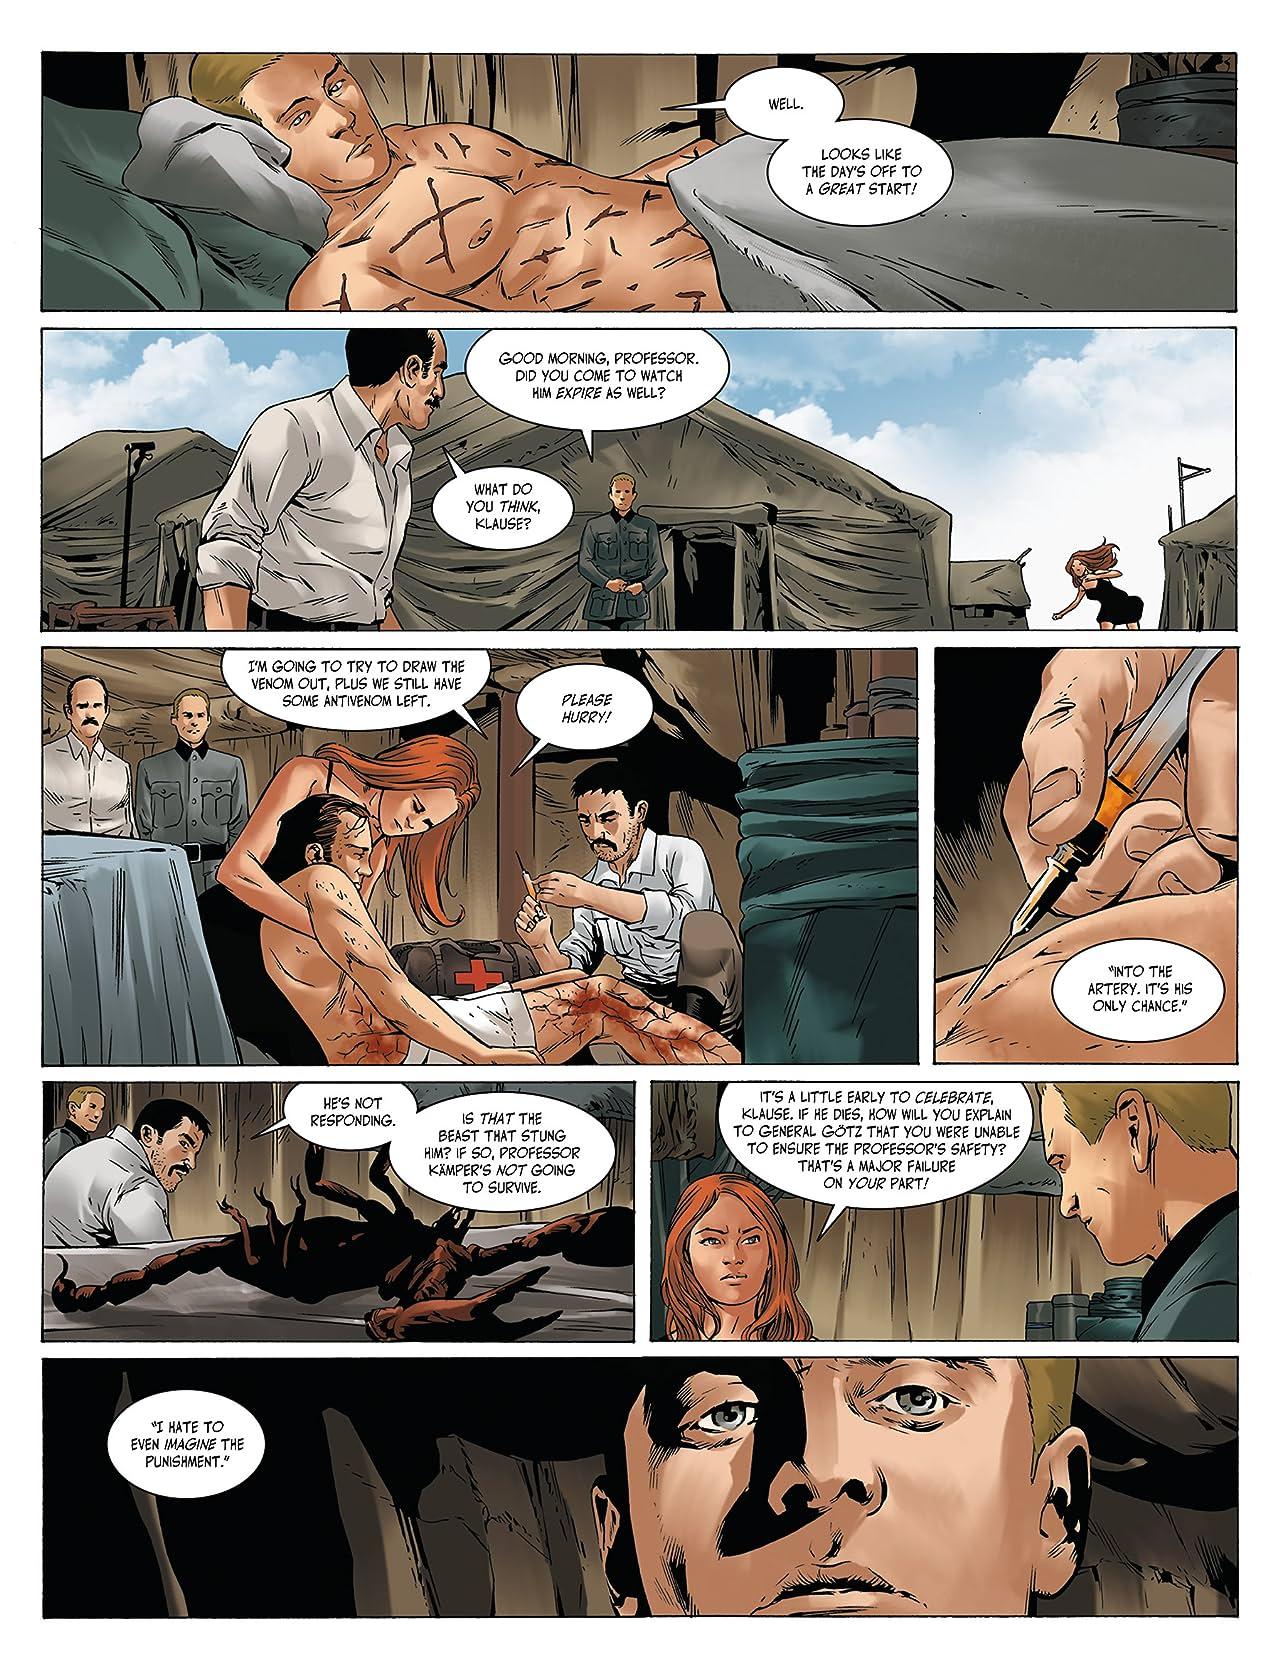 Sanctum Genesis Vol. 2